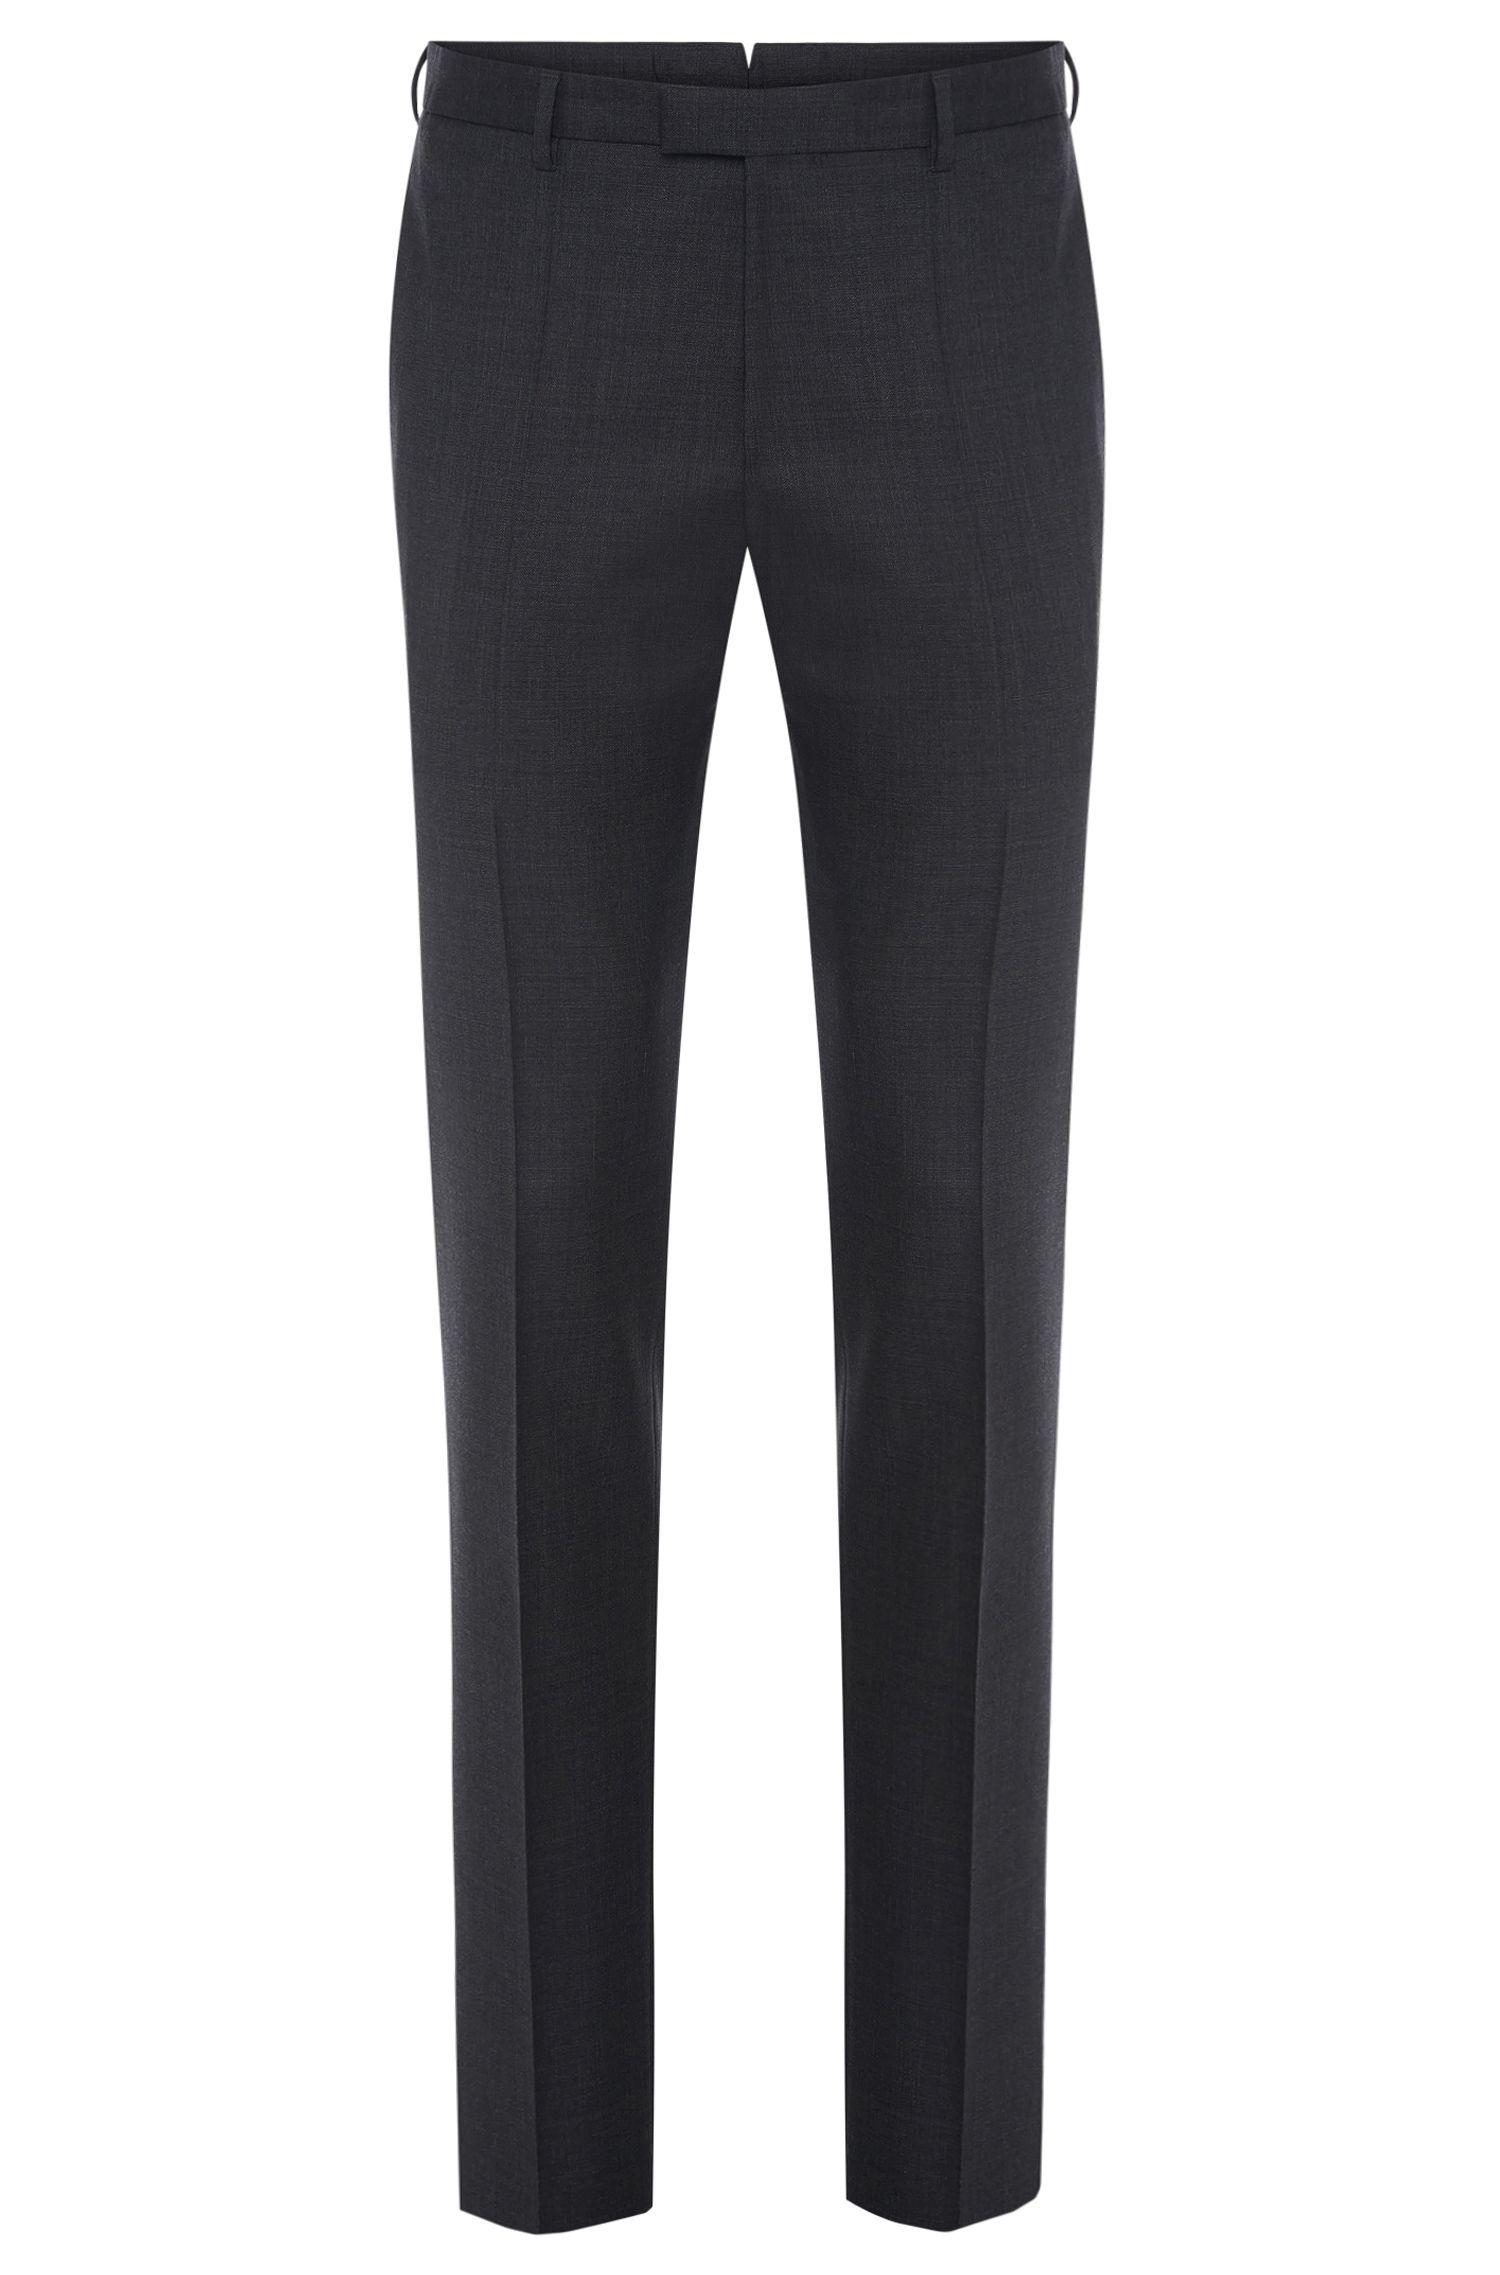 Fijngestructureerde slim-fit broek van scheerwol uit de Tailored-collectie: 'T-Bale'